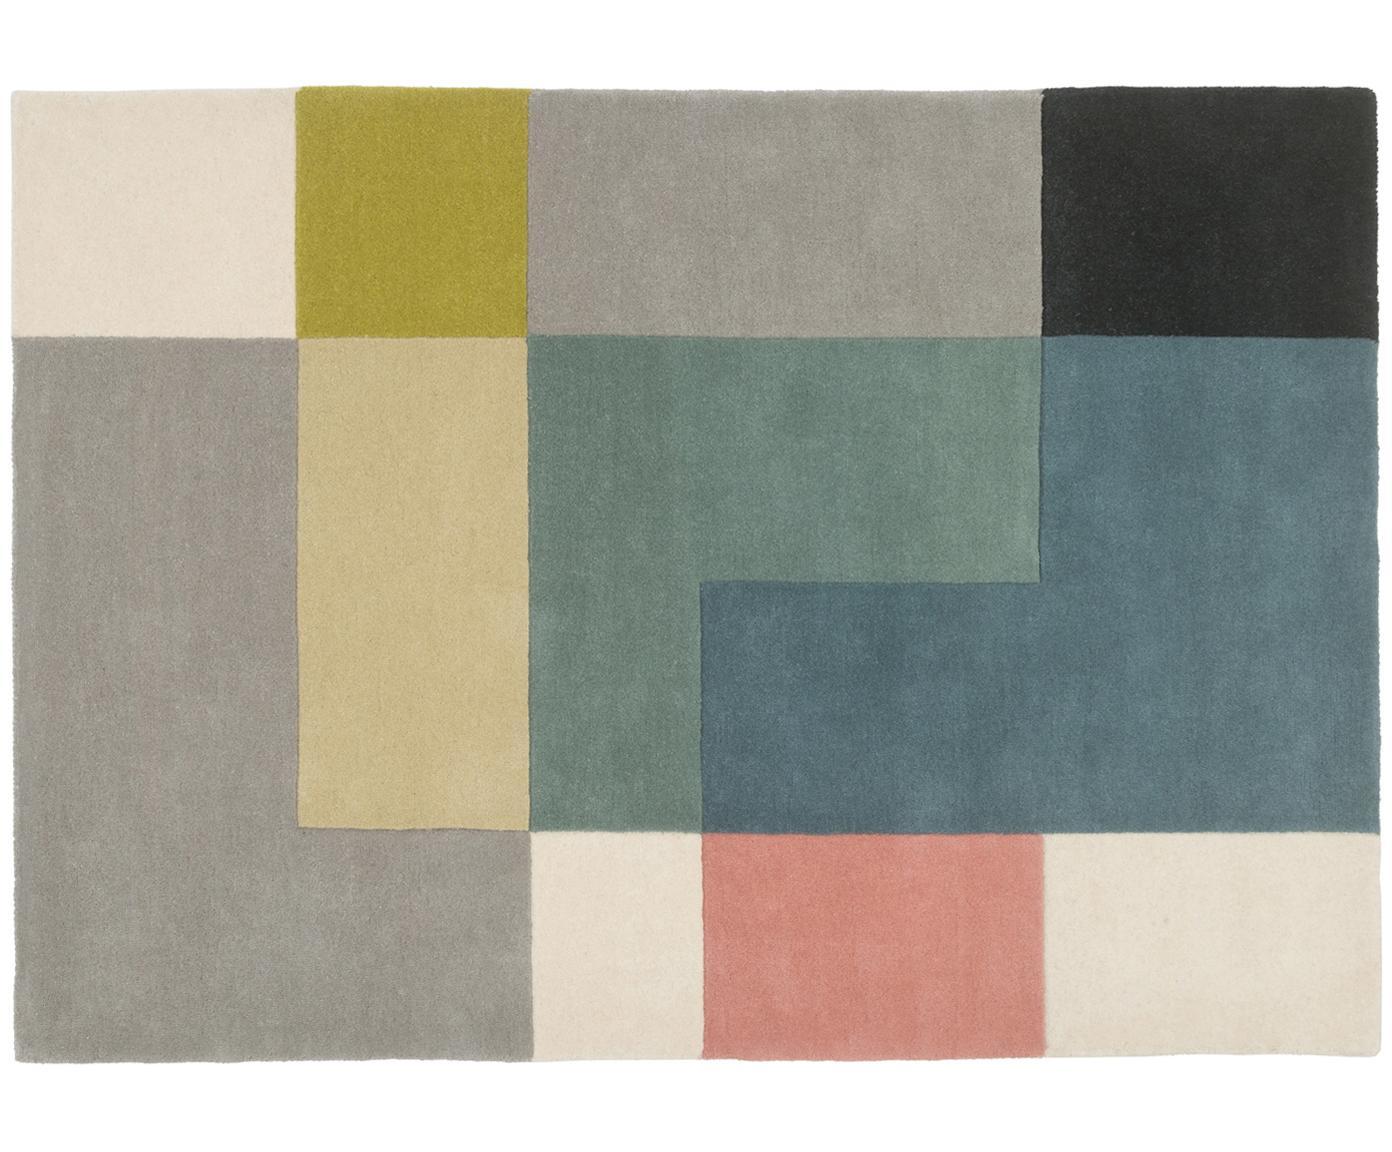 Designteppich Tetris aus Wolle, handgetuftet, Mehrfarbig, B 140 x L 200 cm (Größe S)